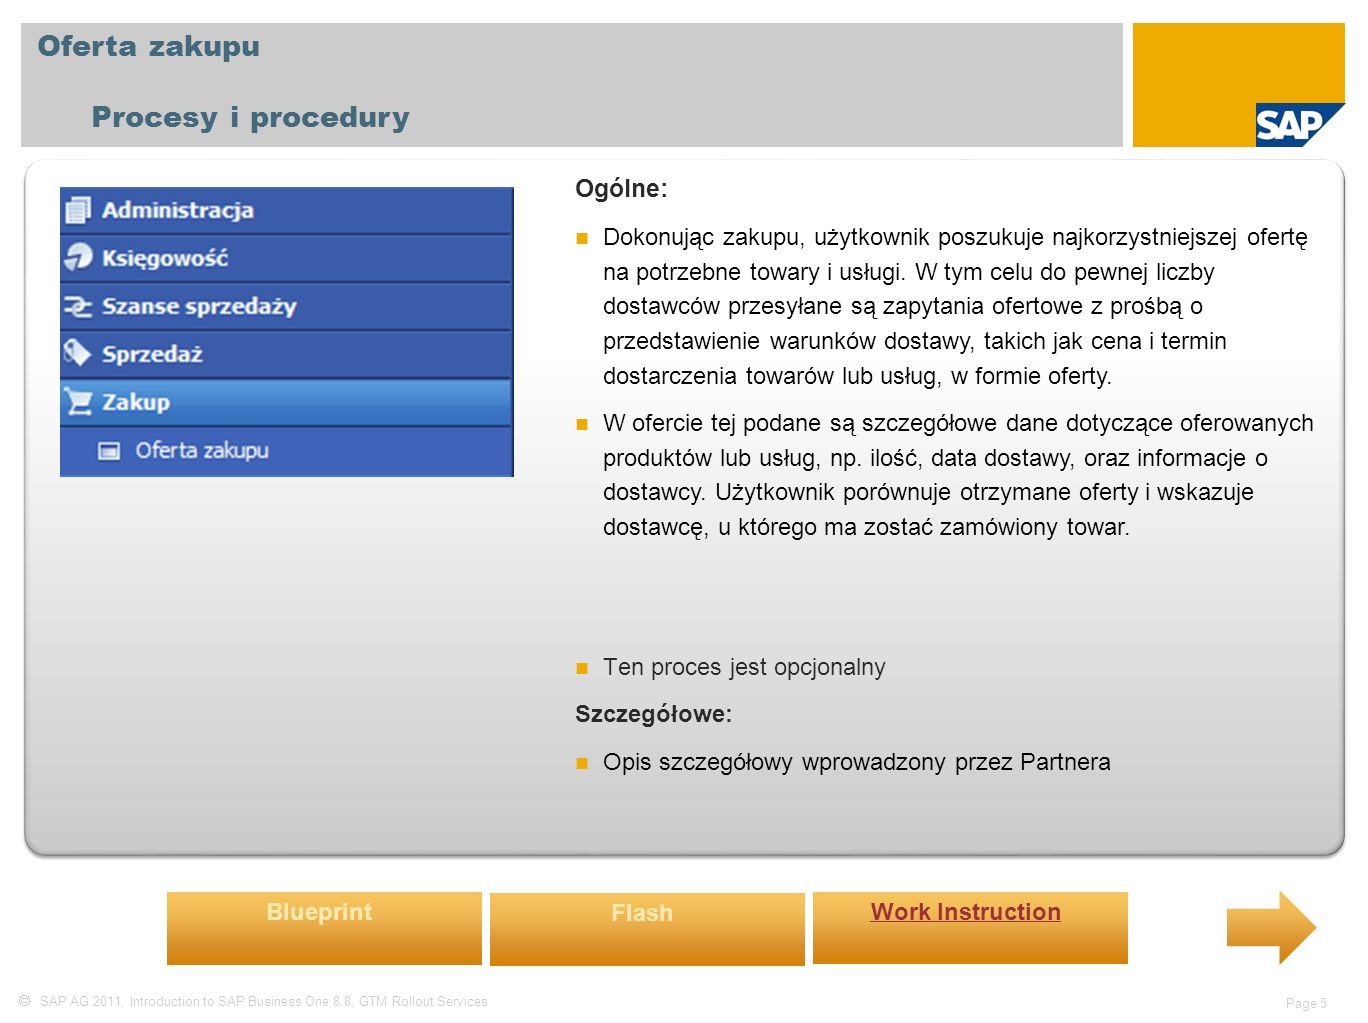  SAP AG 2011, Introduction to SAP Business One 8.8, GTM Rollout Services Page 5 Oferta zakupu Procesy i procedury Ogólne: Dokonując zakupu, użytkownik poszukuje najkorzystniejszej ofertę na potrzebne towary i usługi.